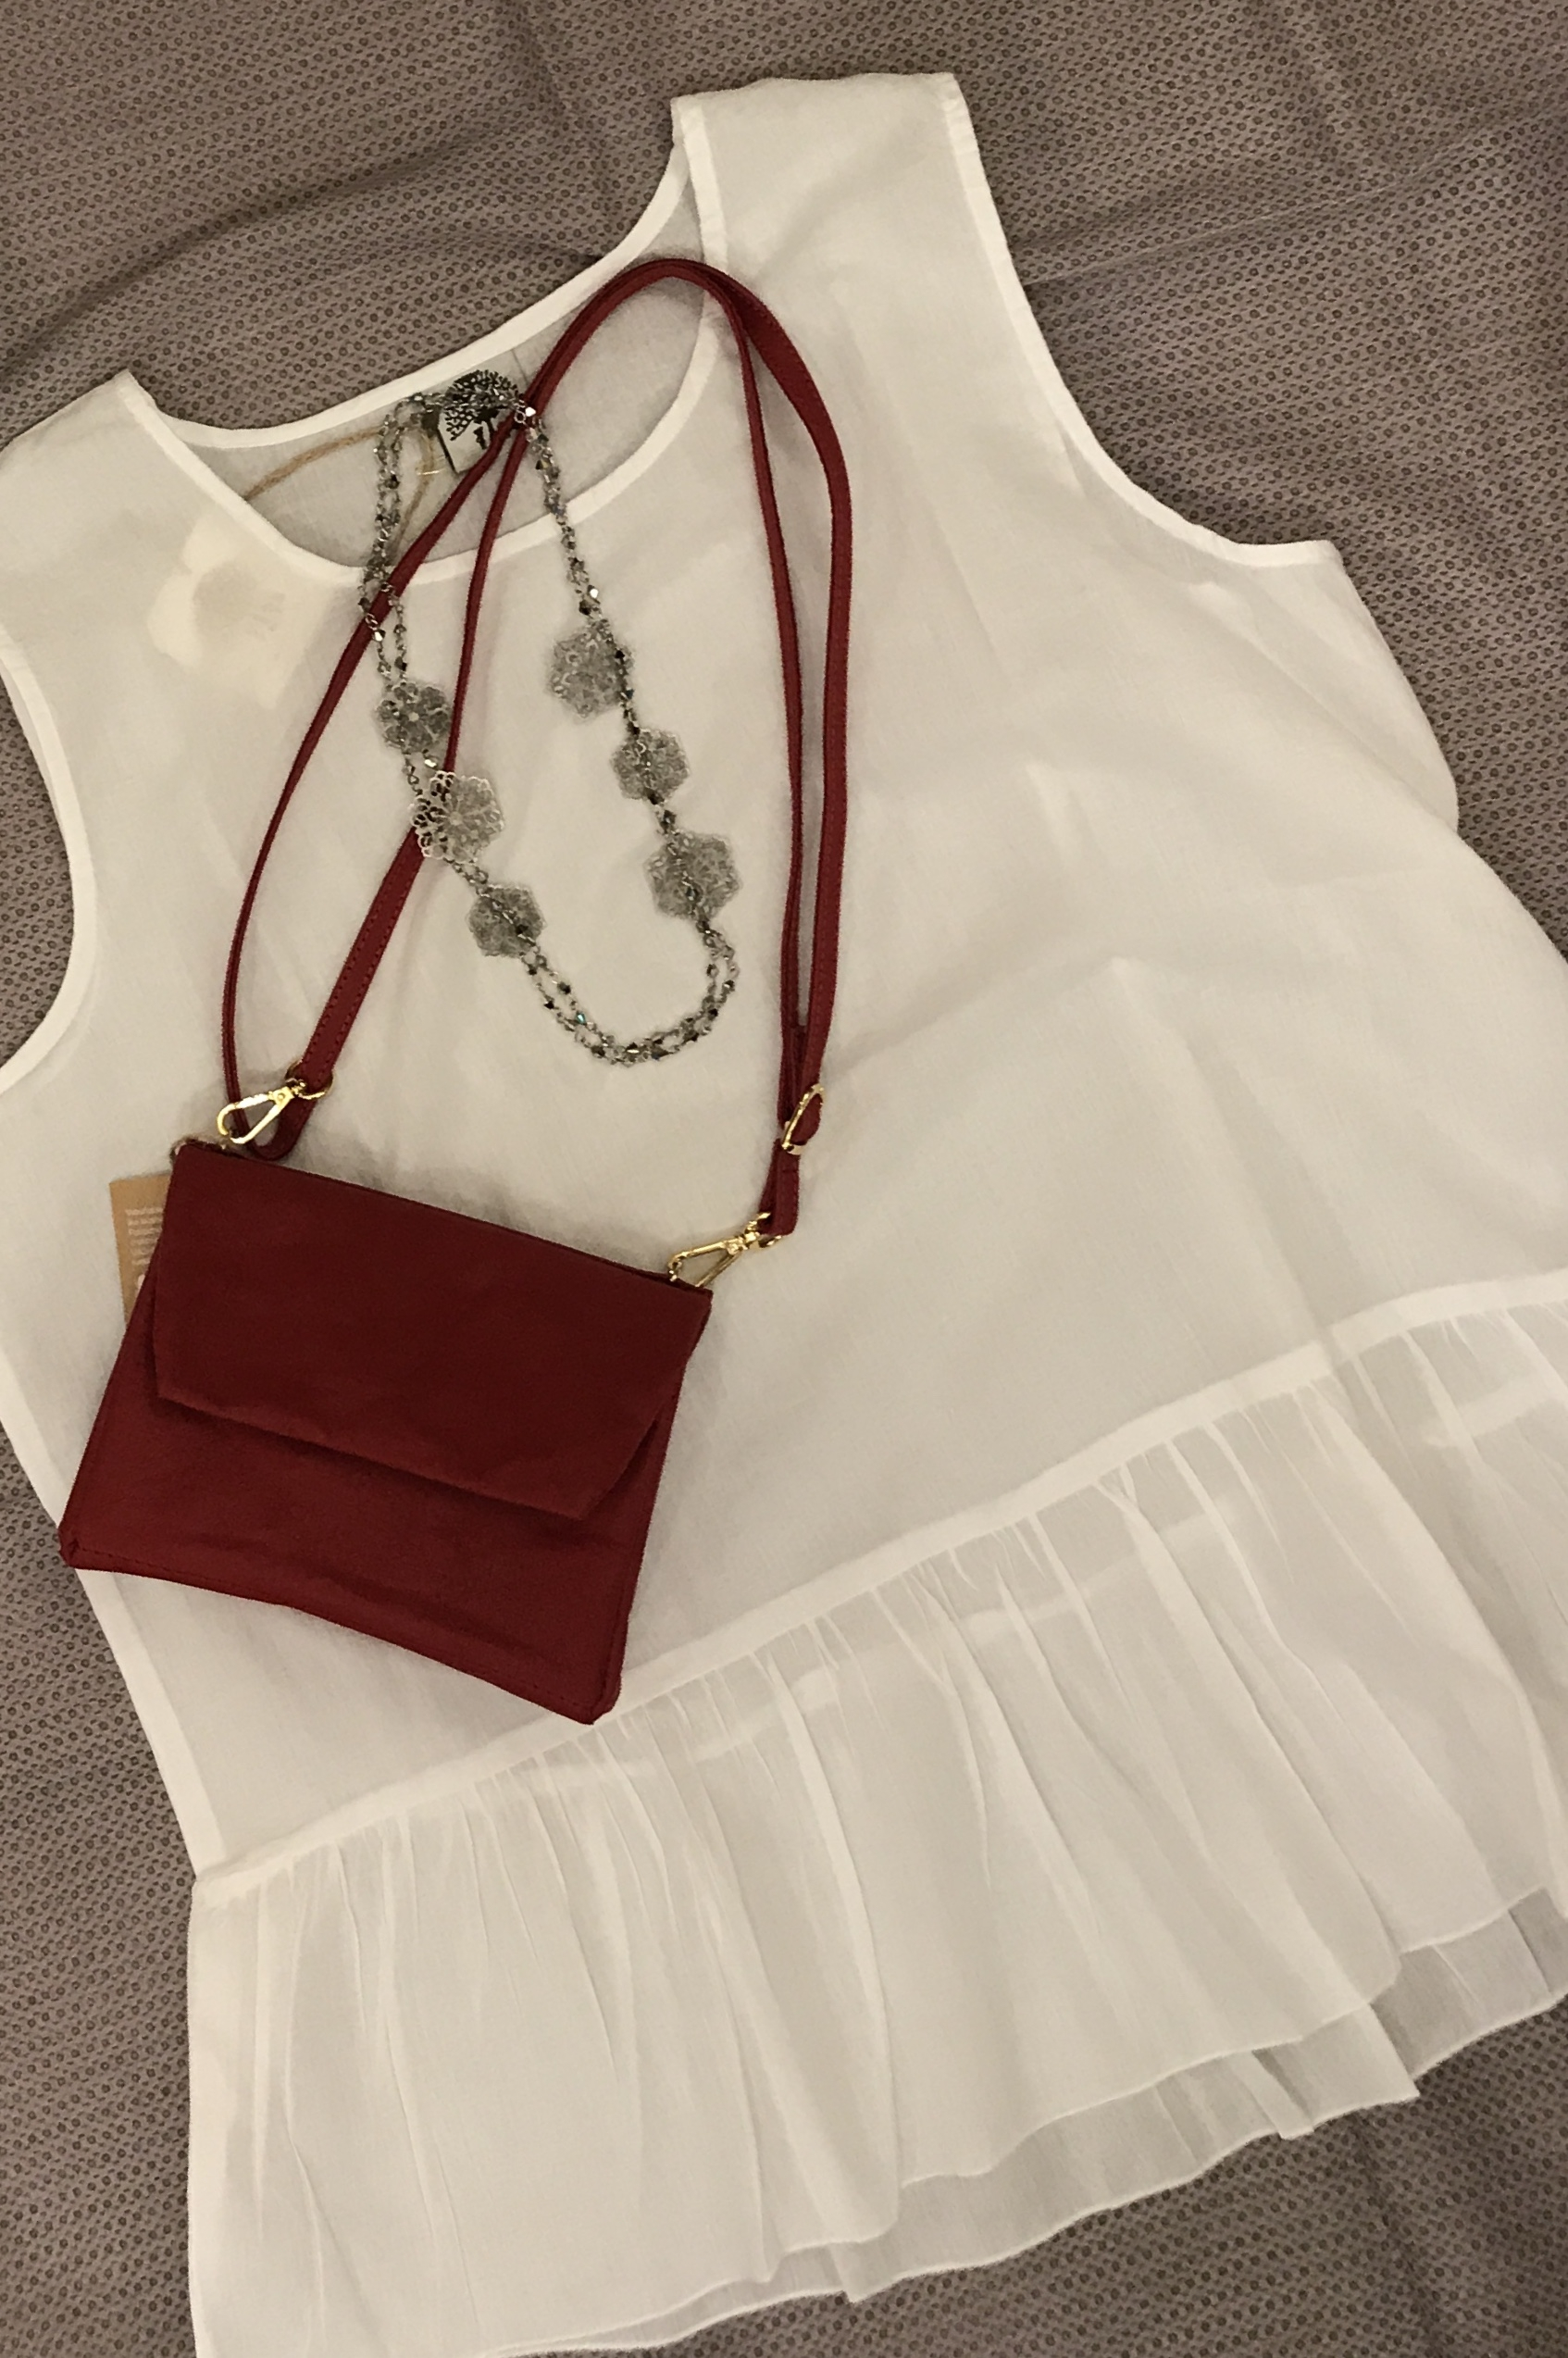 camicia 100% cotone, borsa in carta lavabile, collana con cristalli e filigrane.